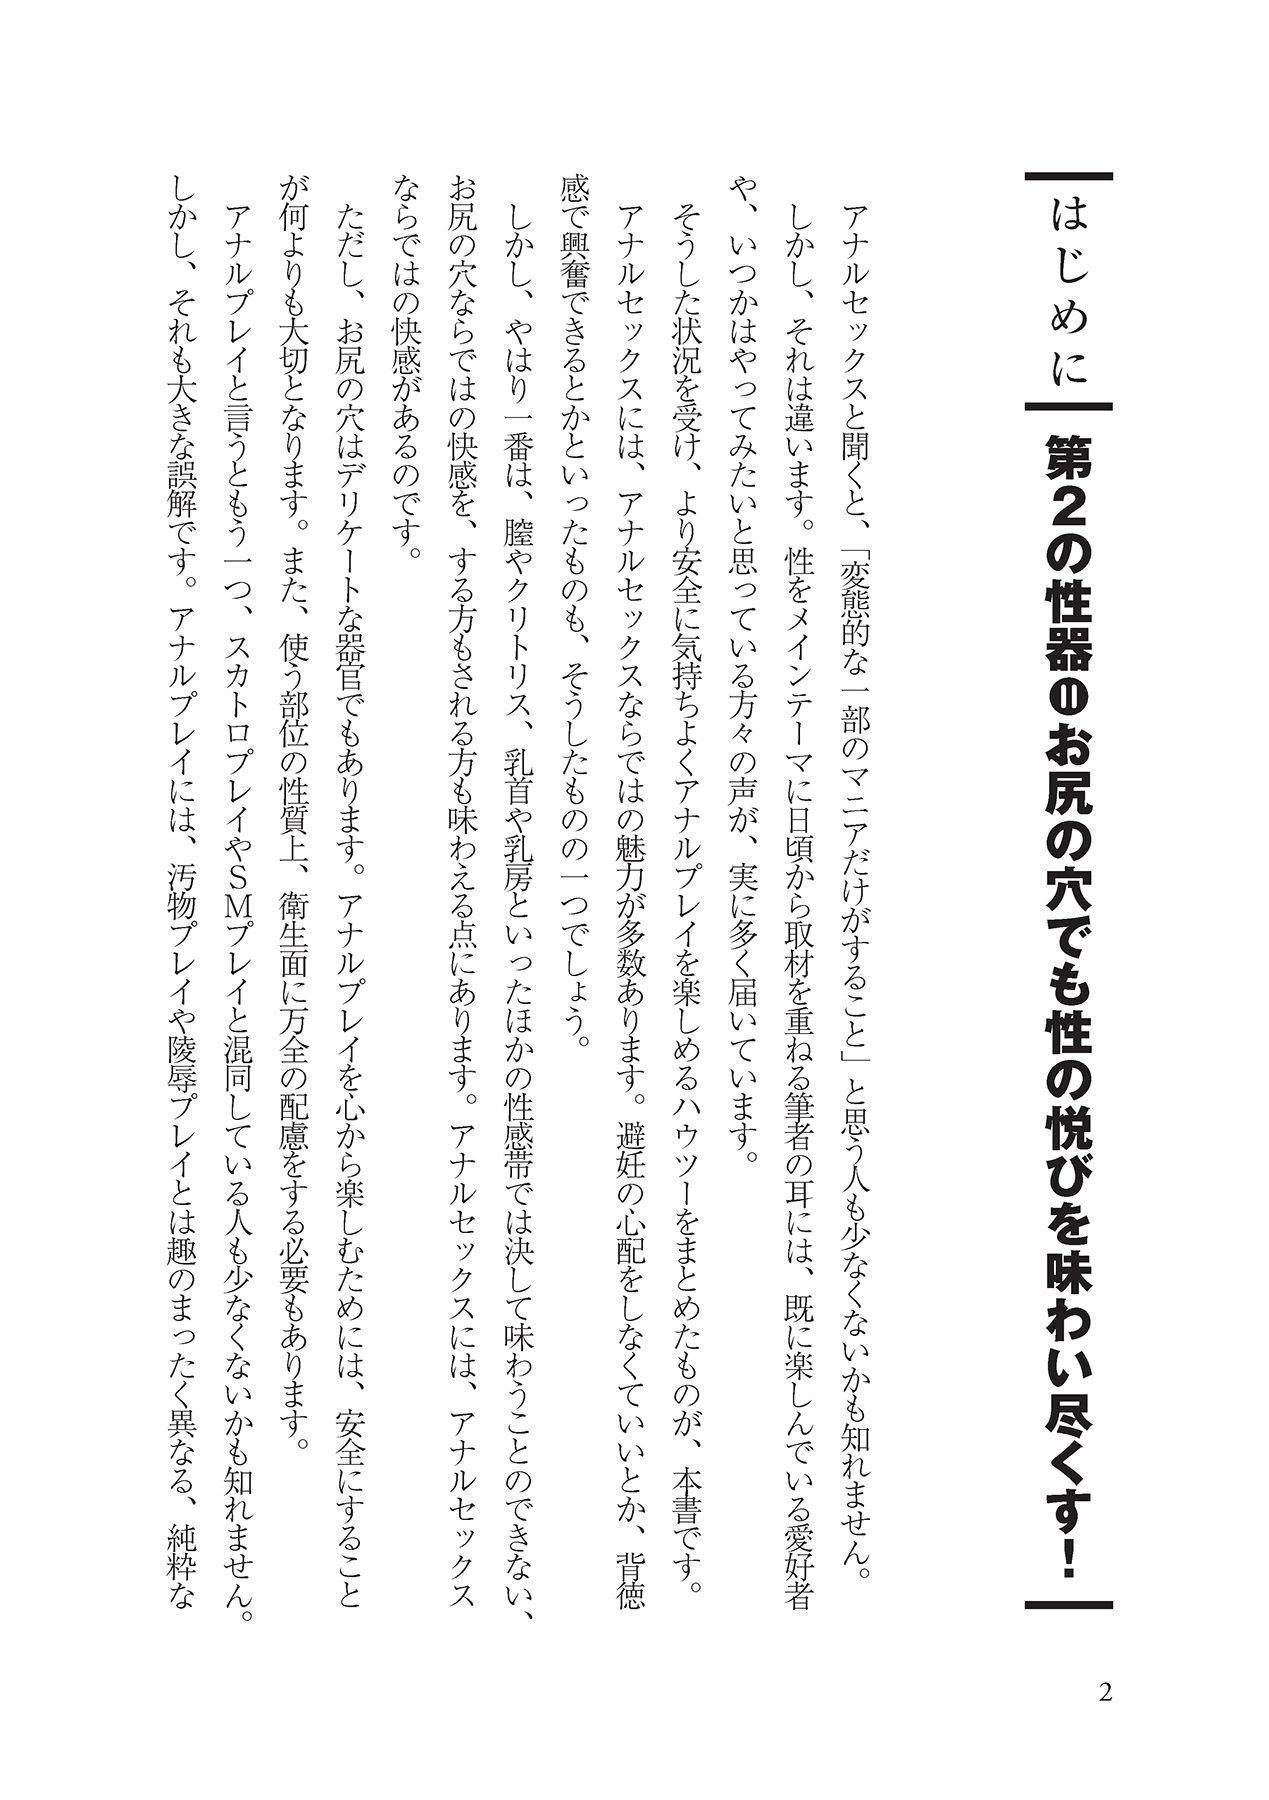 アナル性感開発・お尻エッチ 完全マニュアル 3